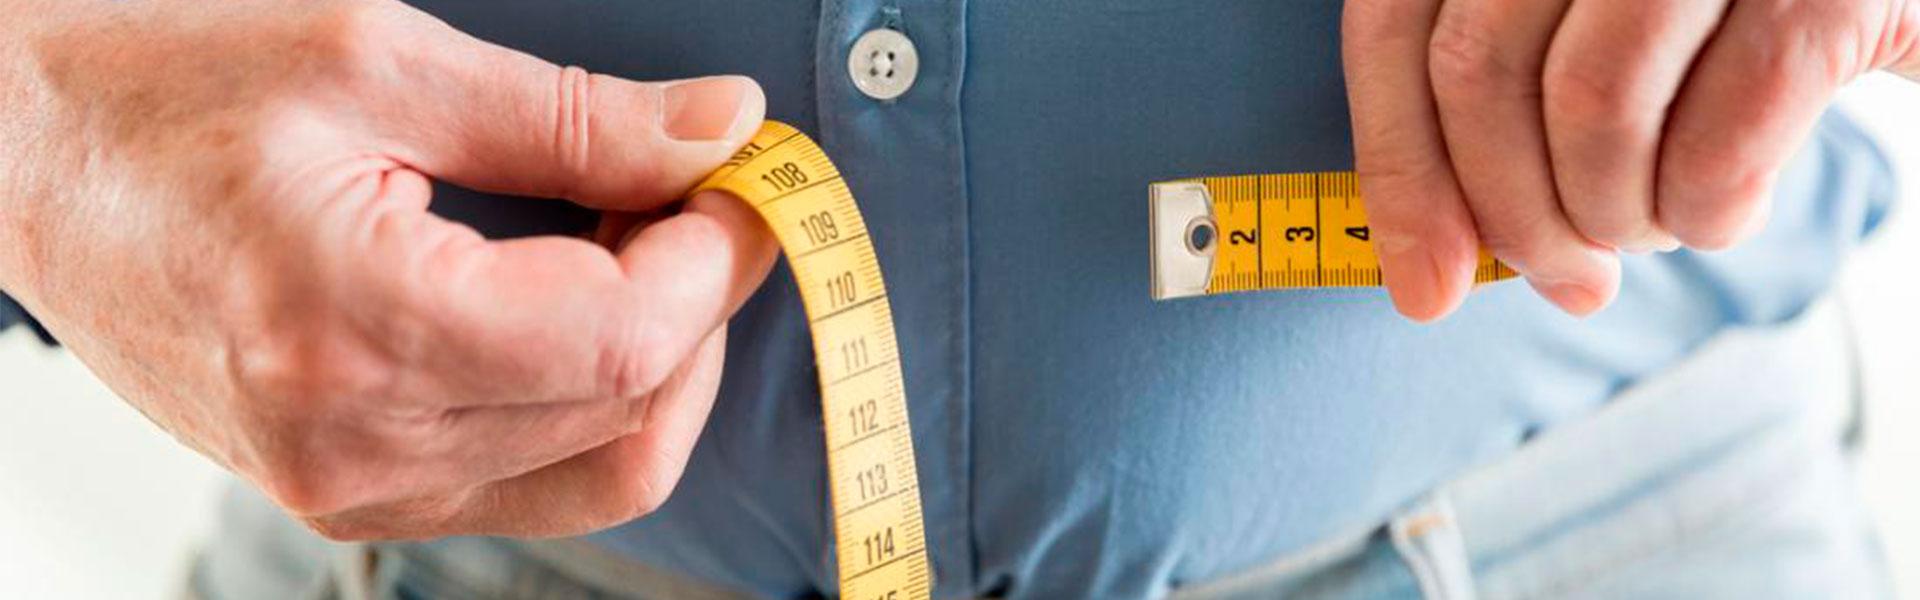 cirugia-obesidad-segura